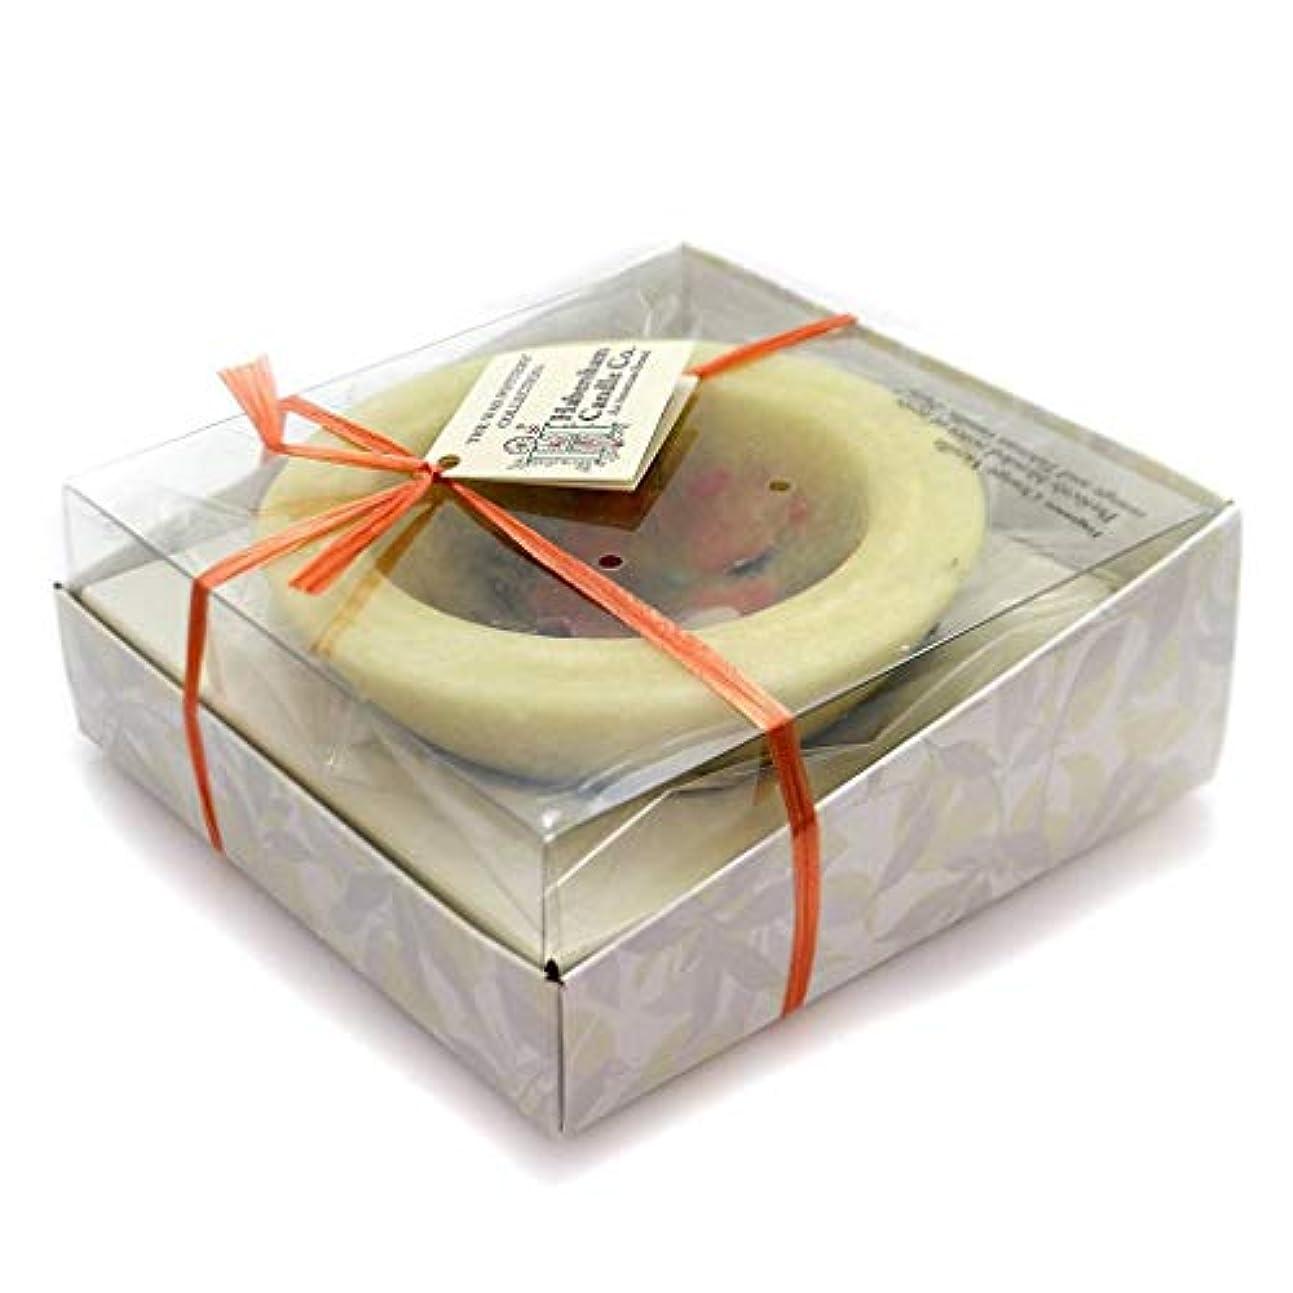 レモン心のこもった説教するHabersham Candles ORANGE VANILLA VESSEL Wax Flameless Fragrance Wax Fgwxpt0296